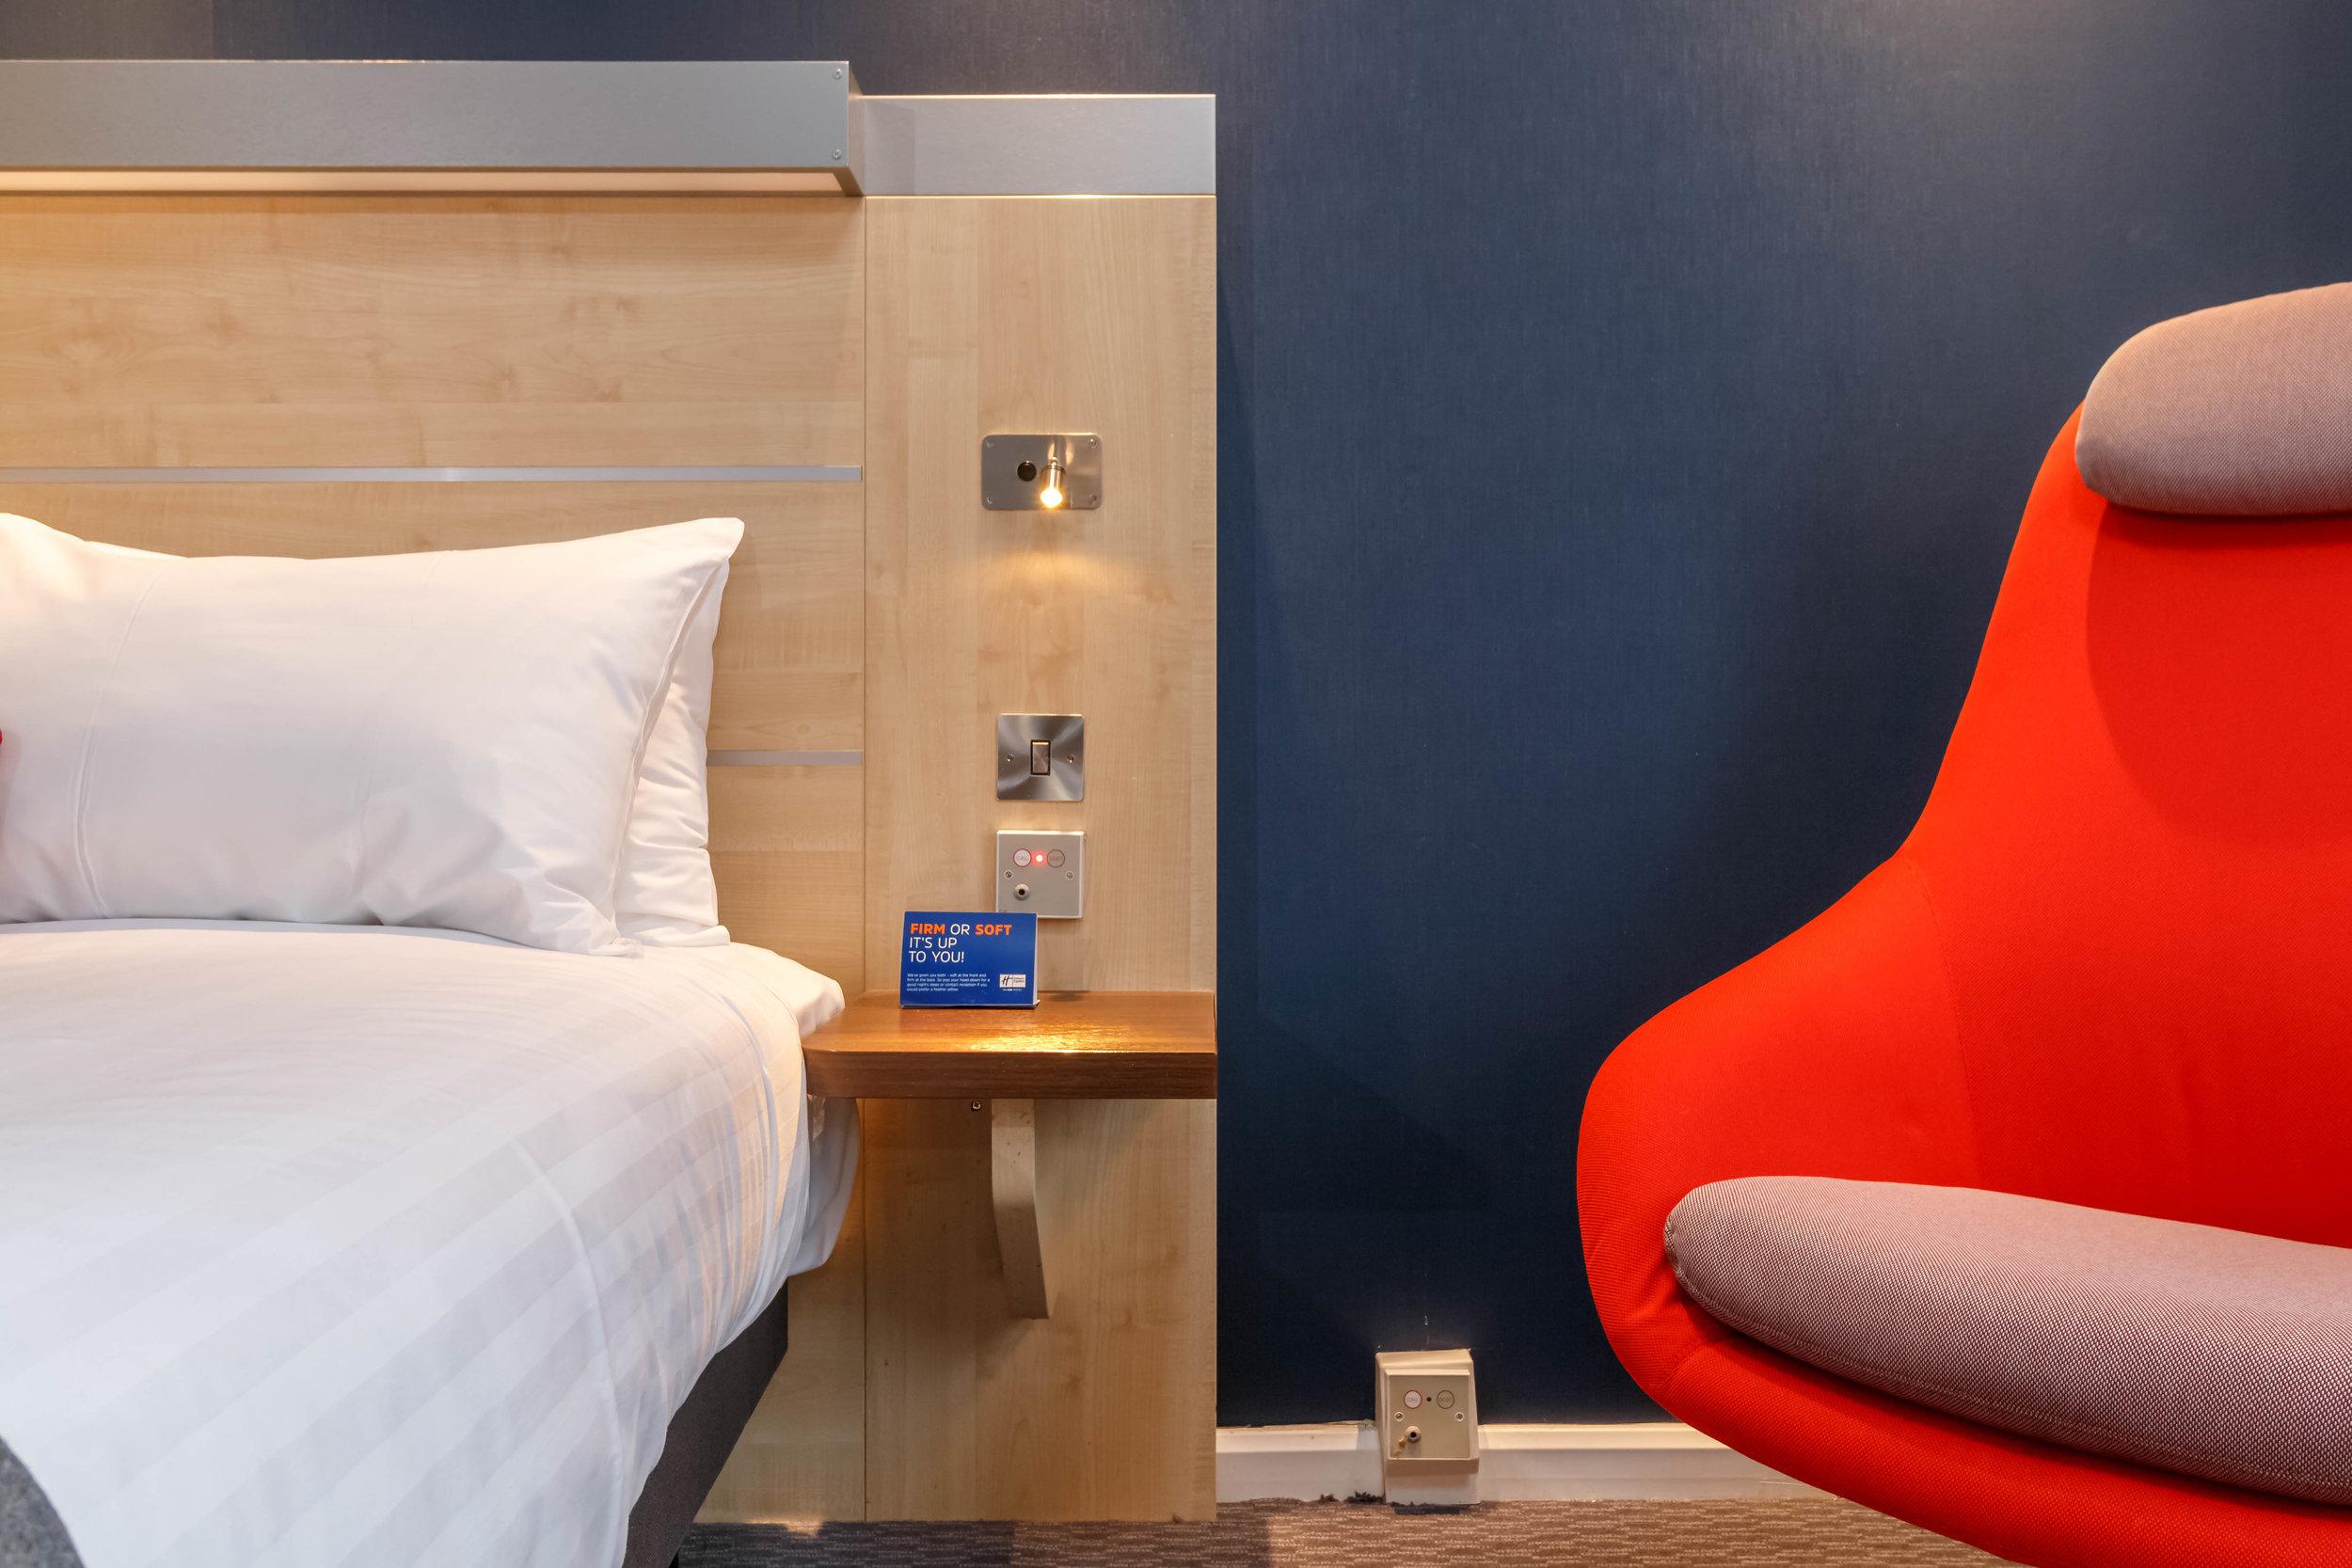 Holiday Inn Express Walsall Room Types 005.JPG